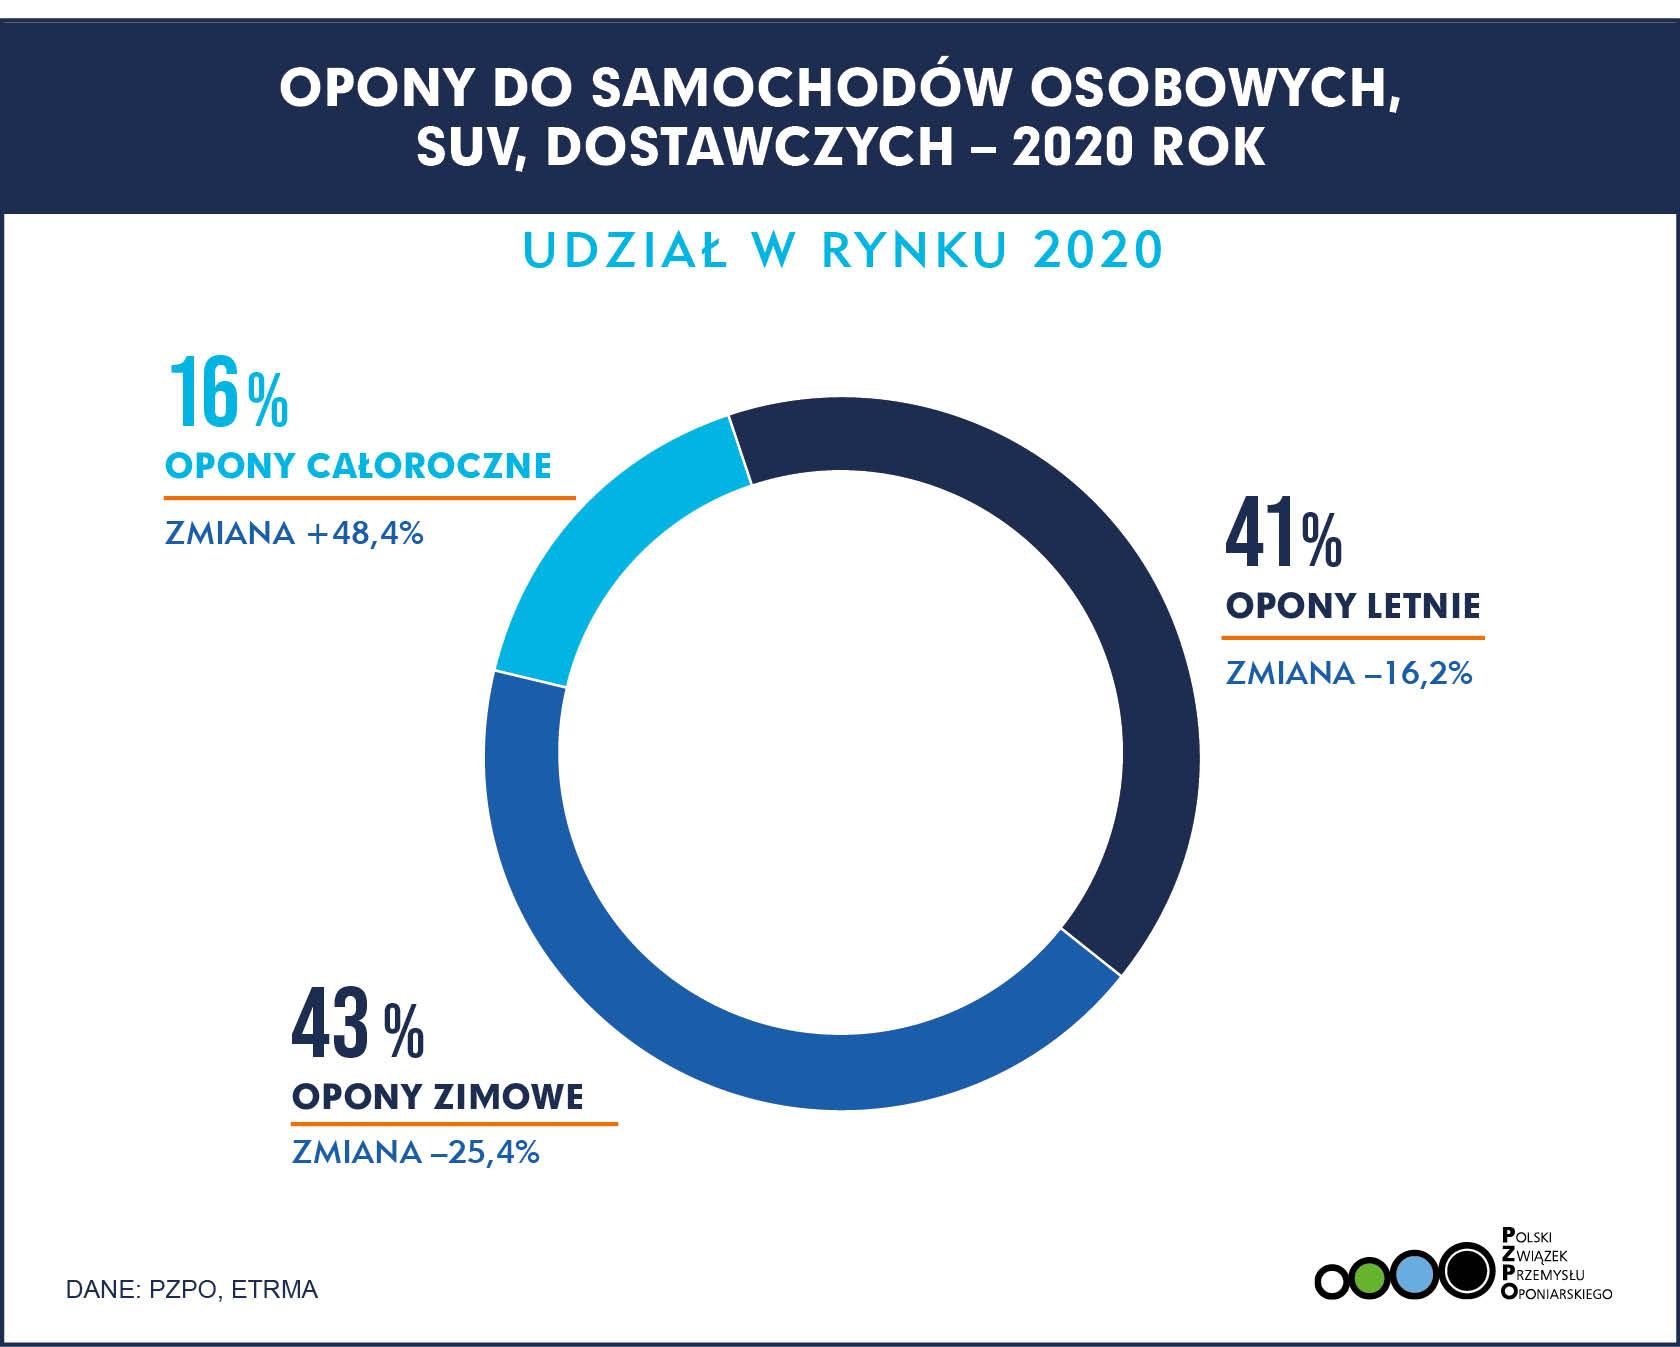 2021-02-17 Sprzedaż opon w Polsce 2020 udział w rynku1